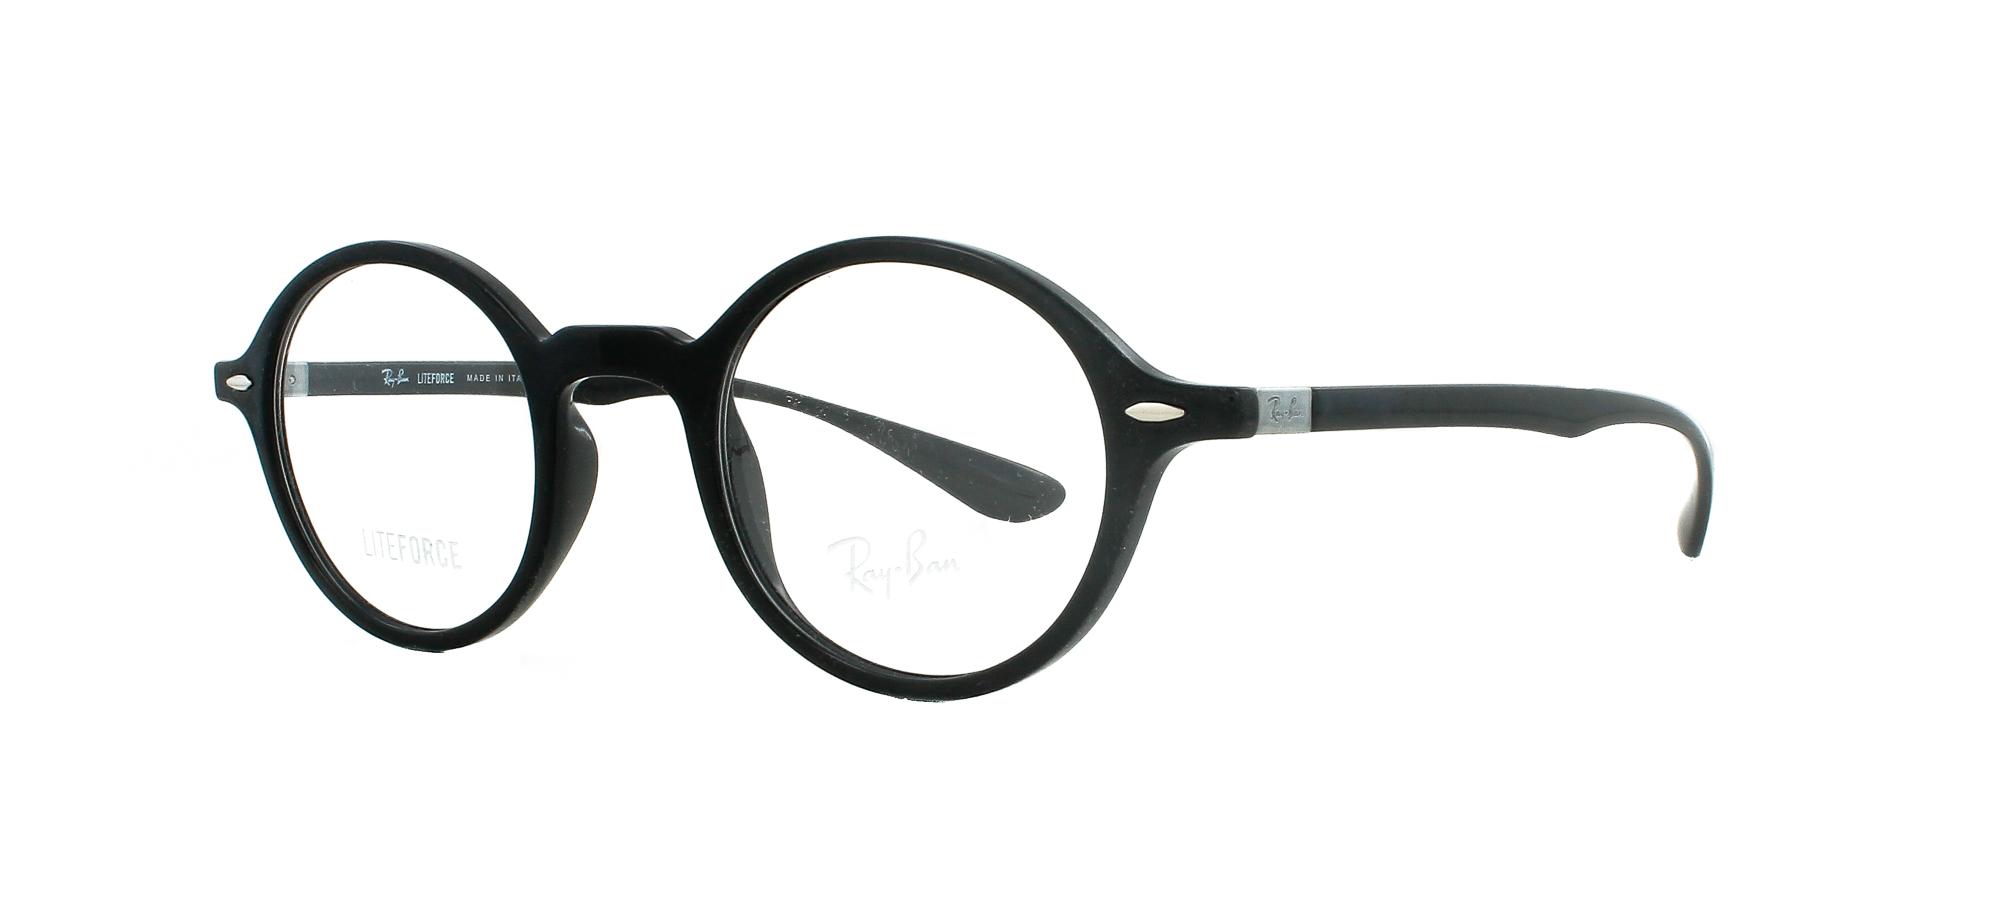 9a95e7afbebe6 Ray Ban 7069 Eyeglasses